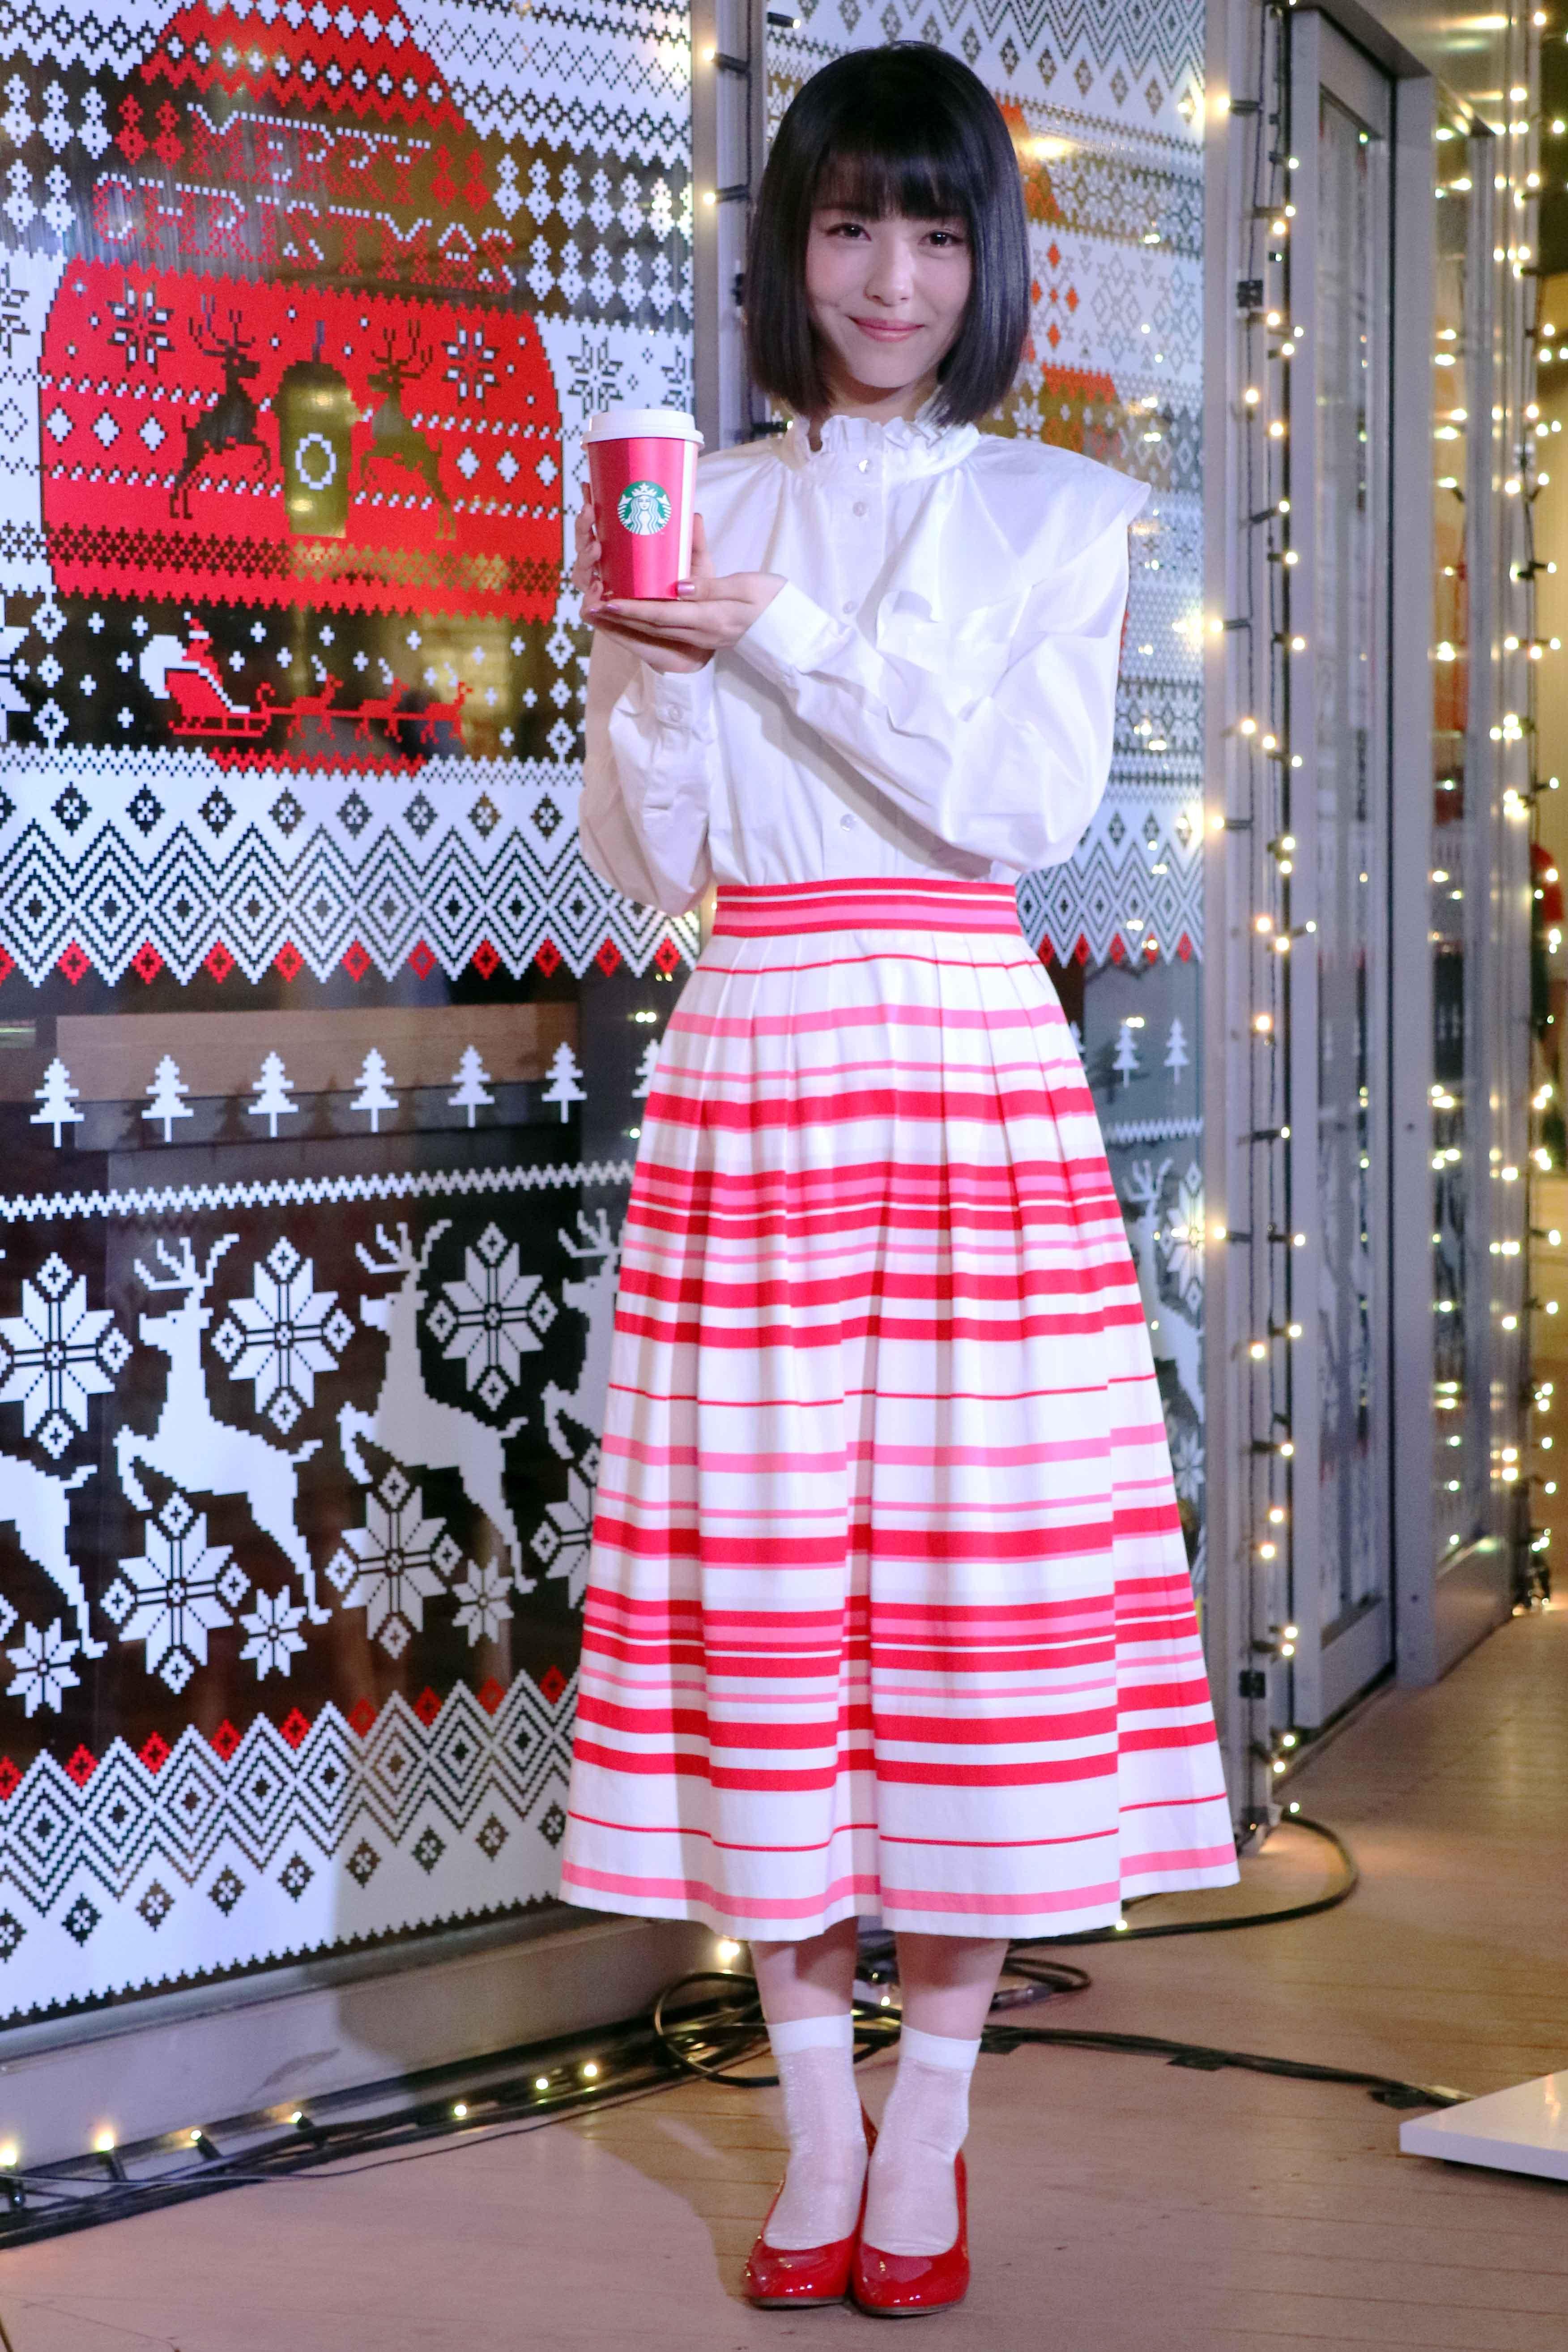 映画新人賞総なめの女優・浜辺美波、今年のクリスマスの予定は… 「周りのスタッフさんと」 - 浜辺美波